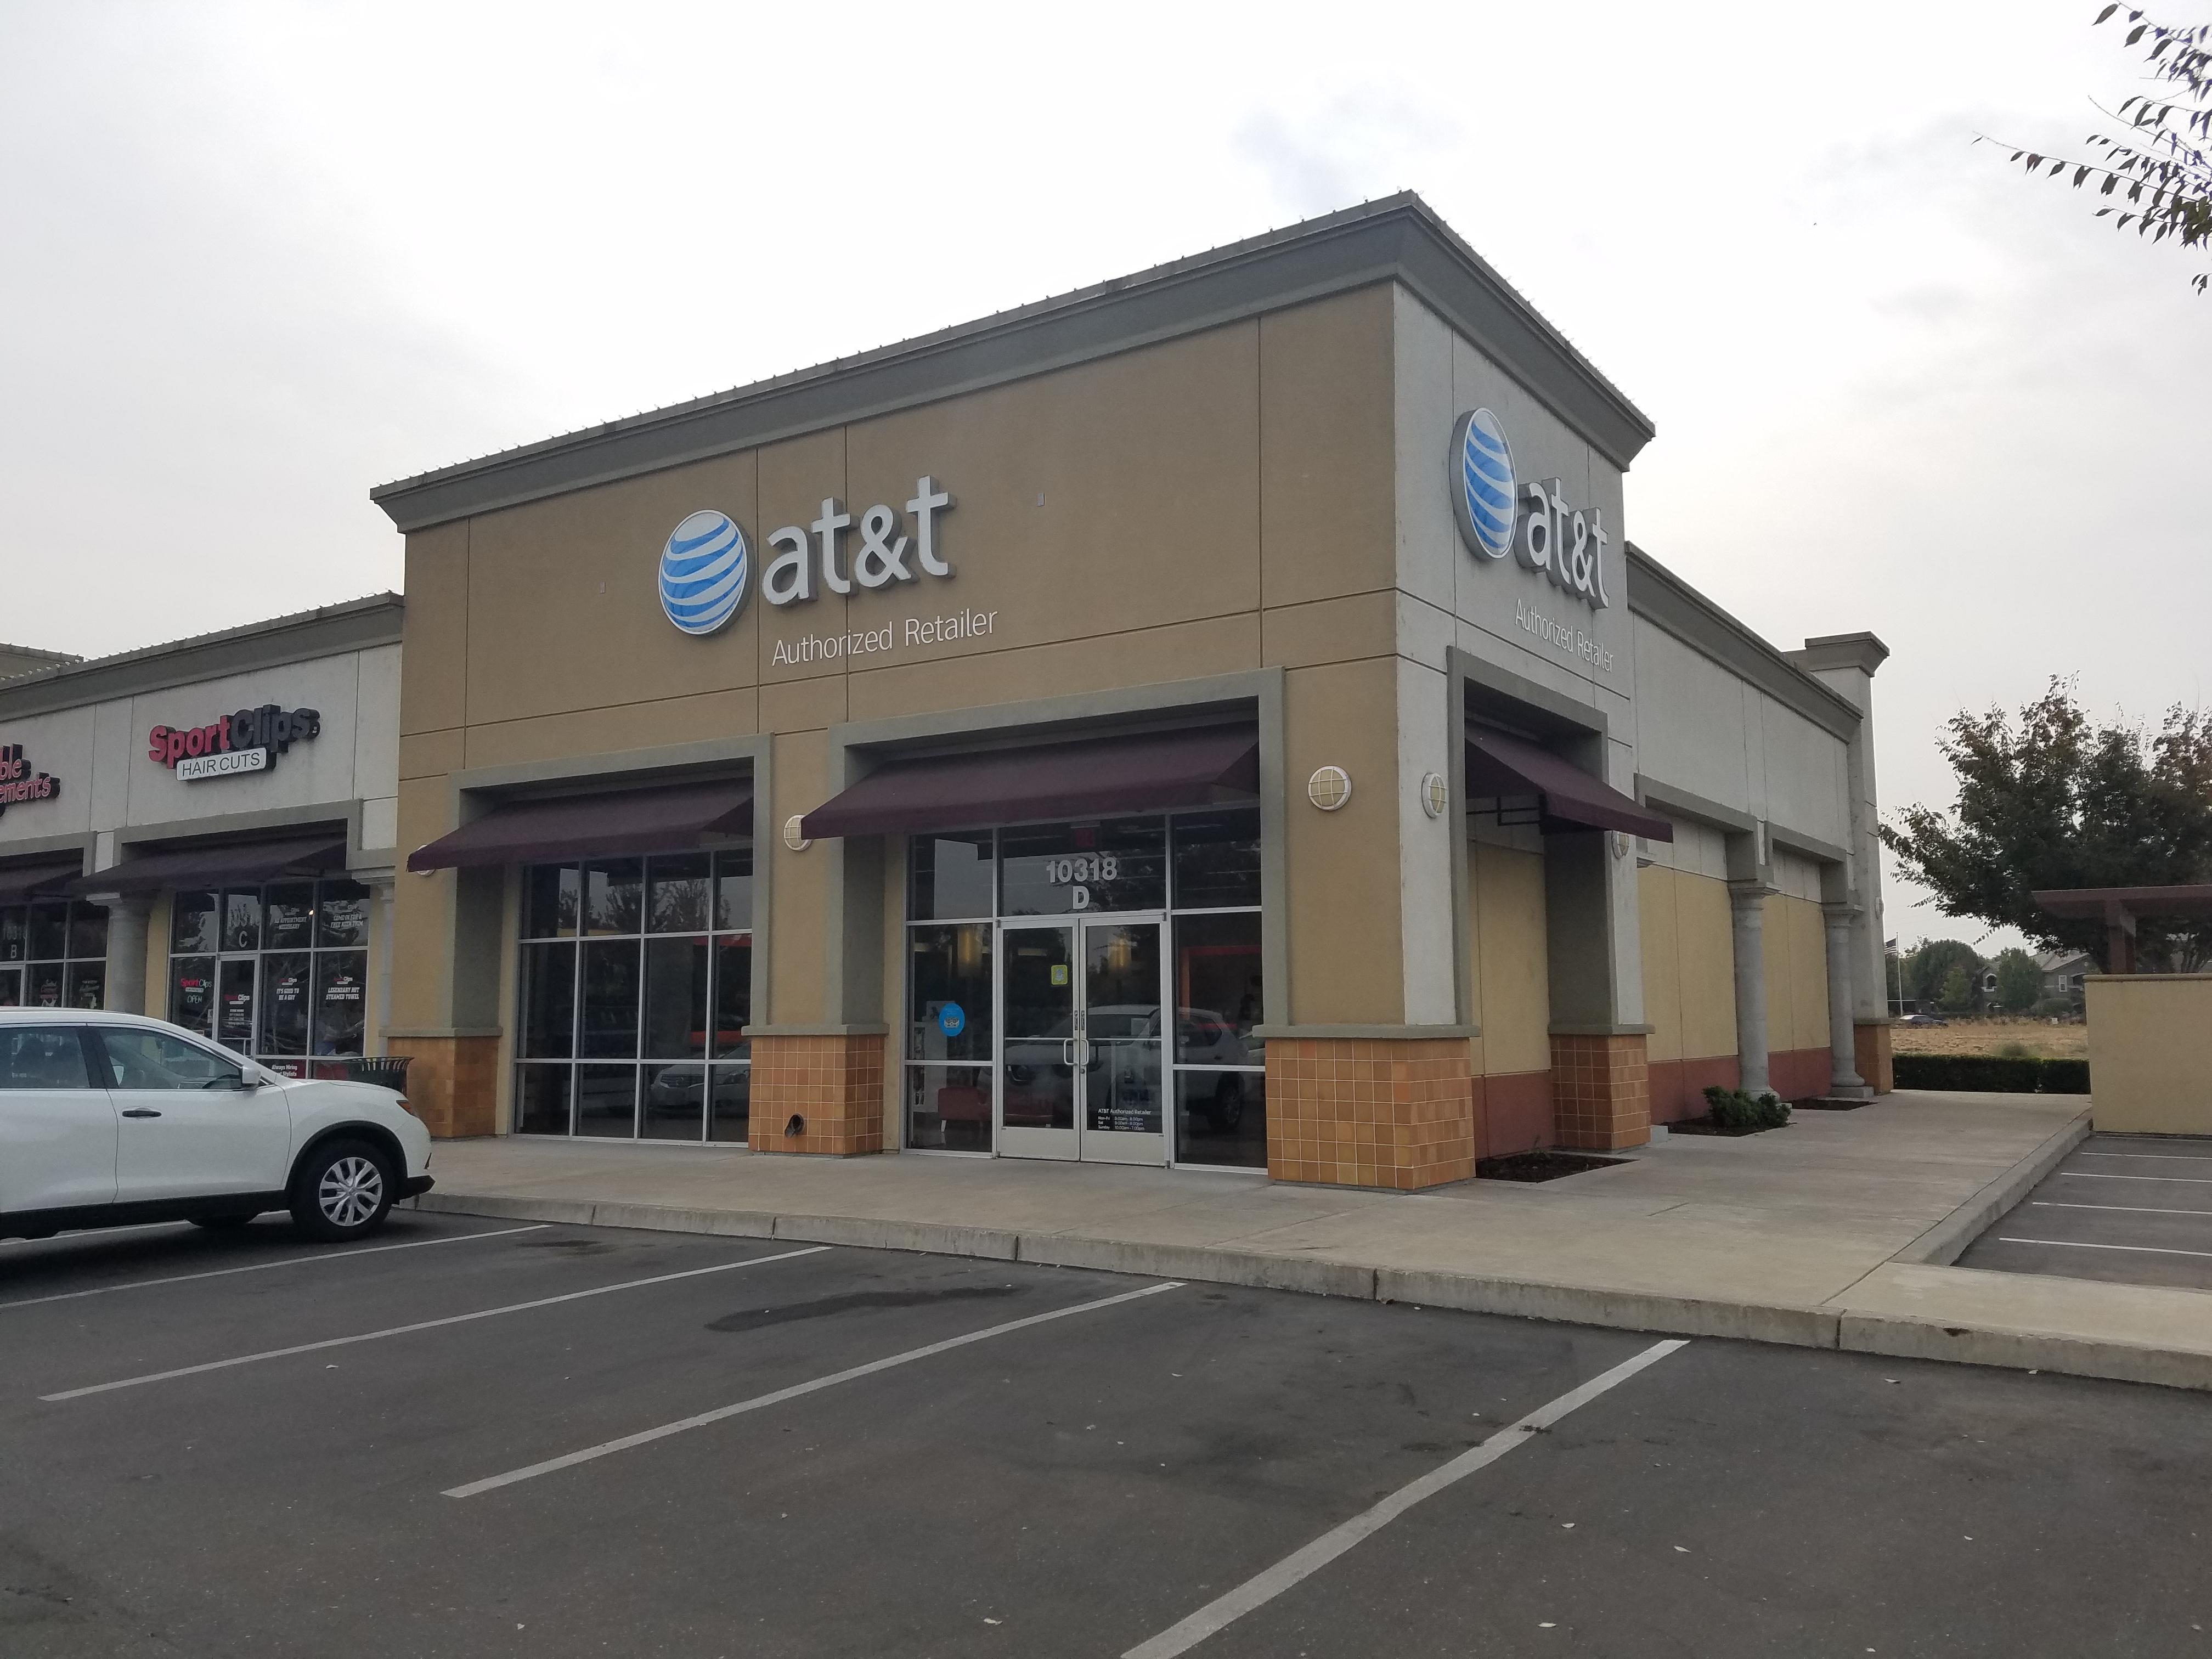 Att Store Locations In Stockton Ca Att Experience